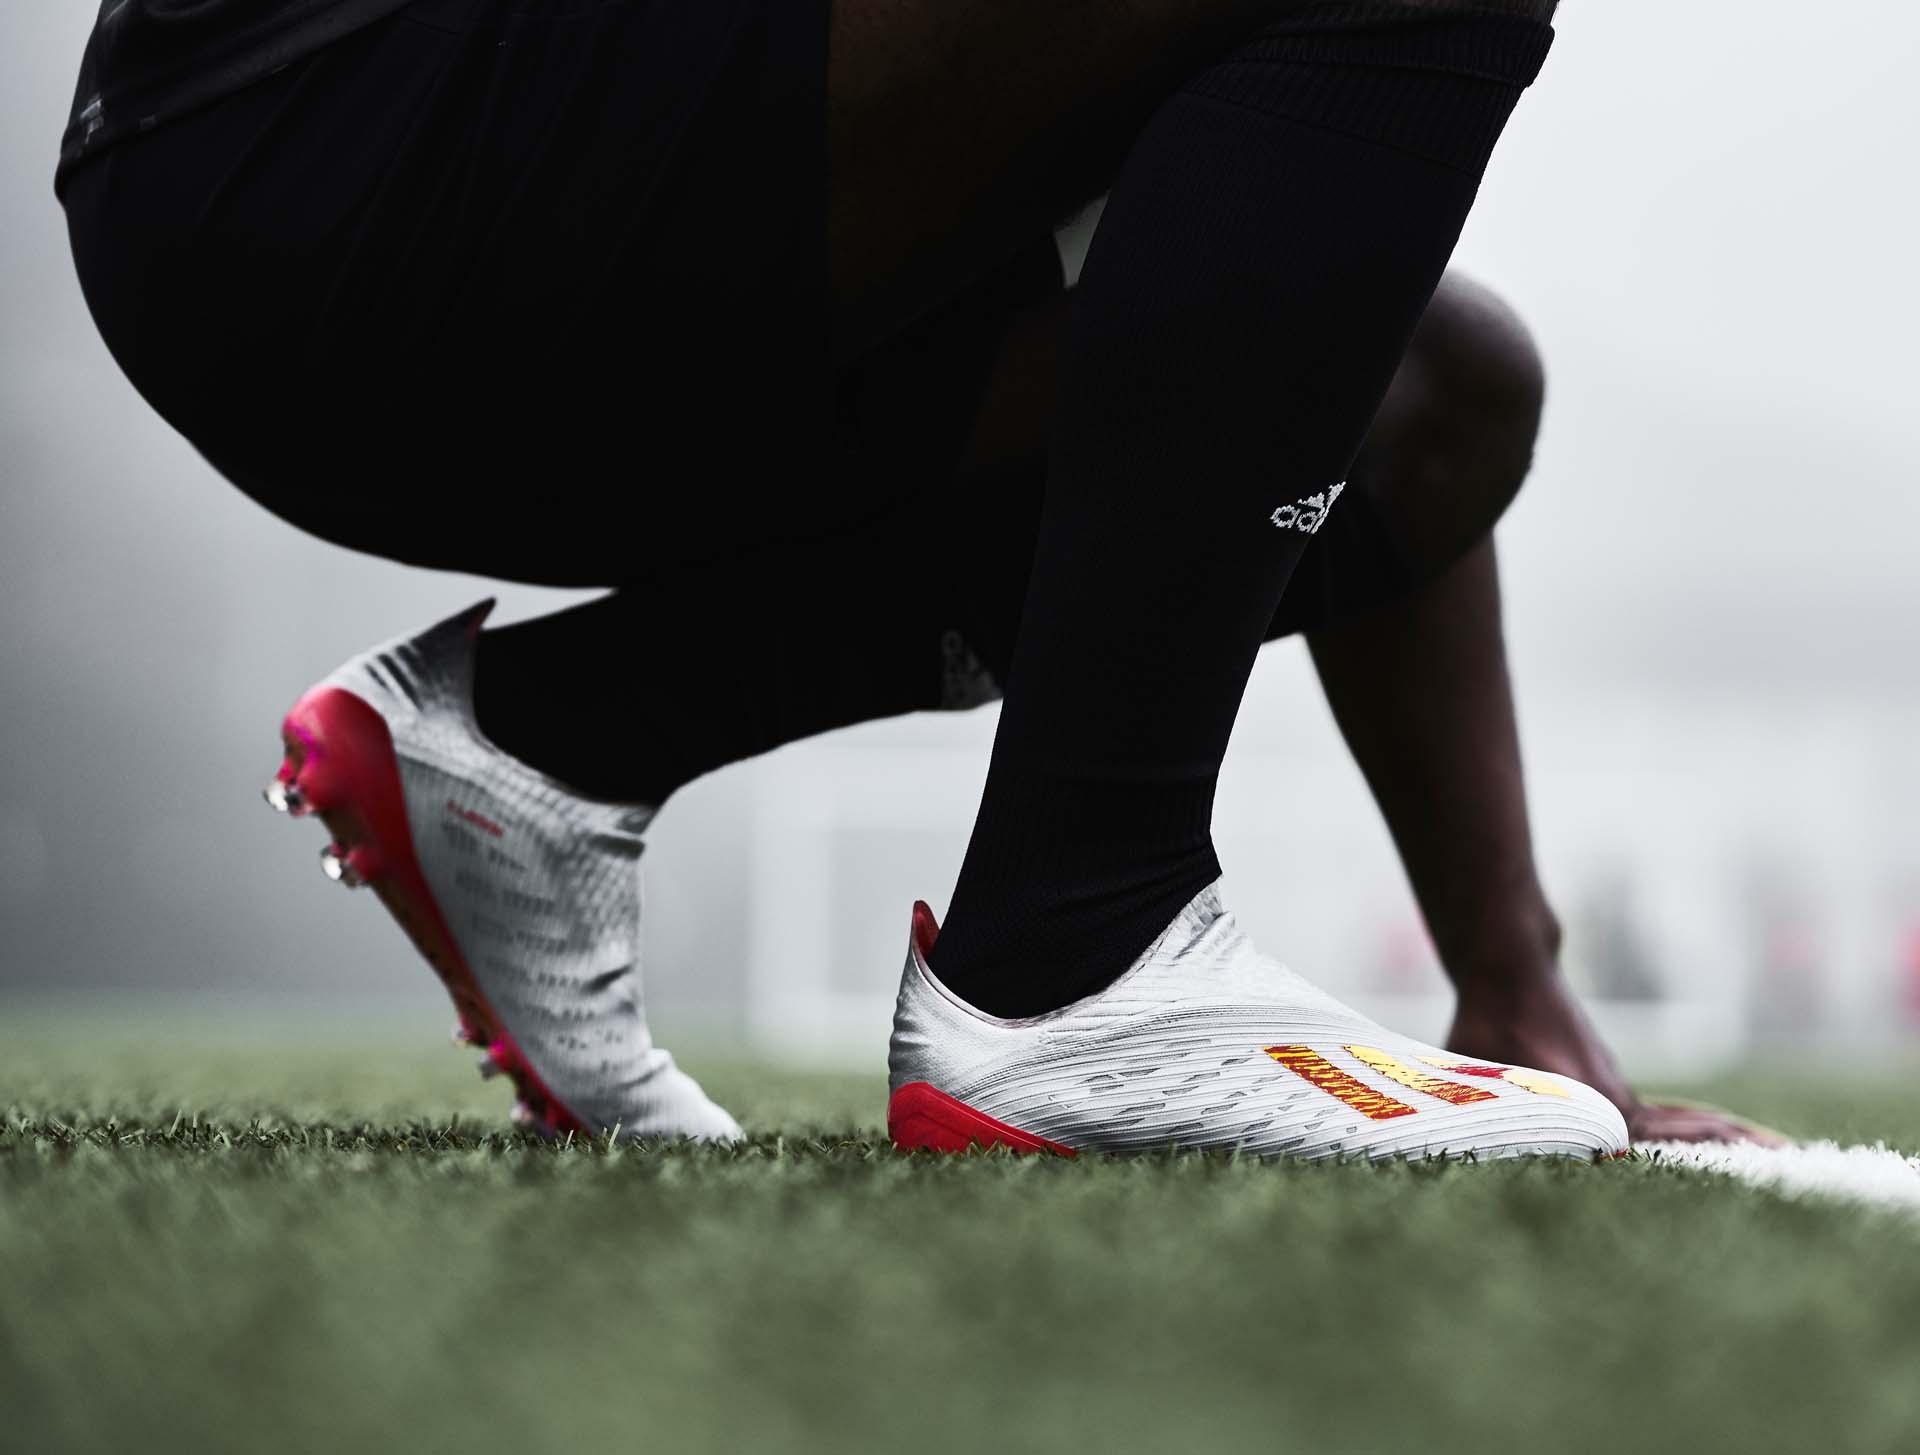 Giày đá banh Adidas X19+ được các cầu thủ chuyên nghiệp sử dụng và không hề bị lỏng chân